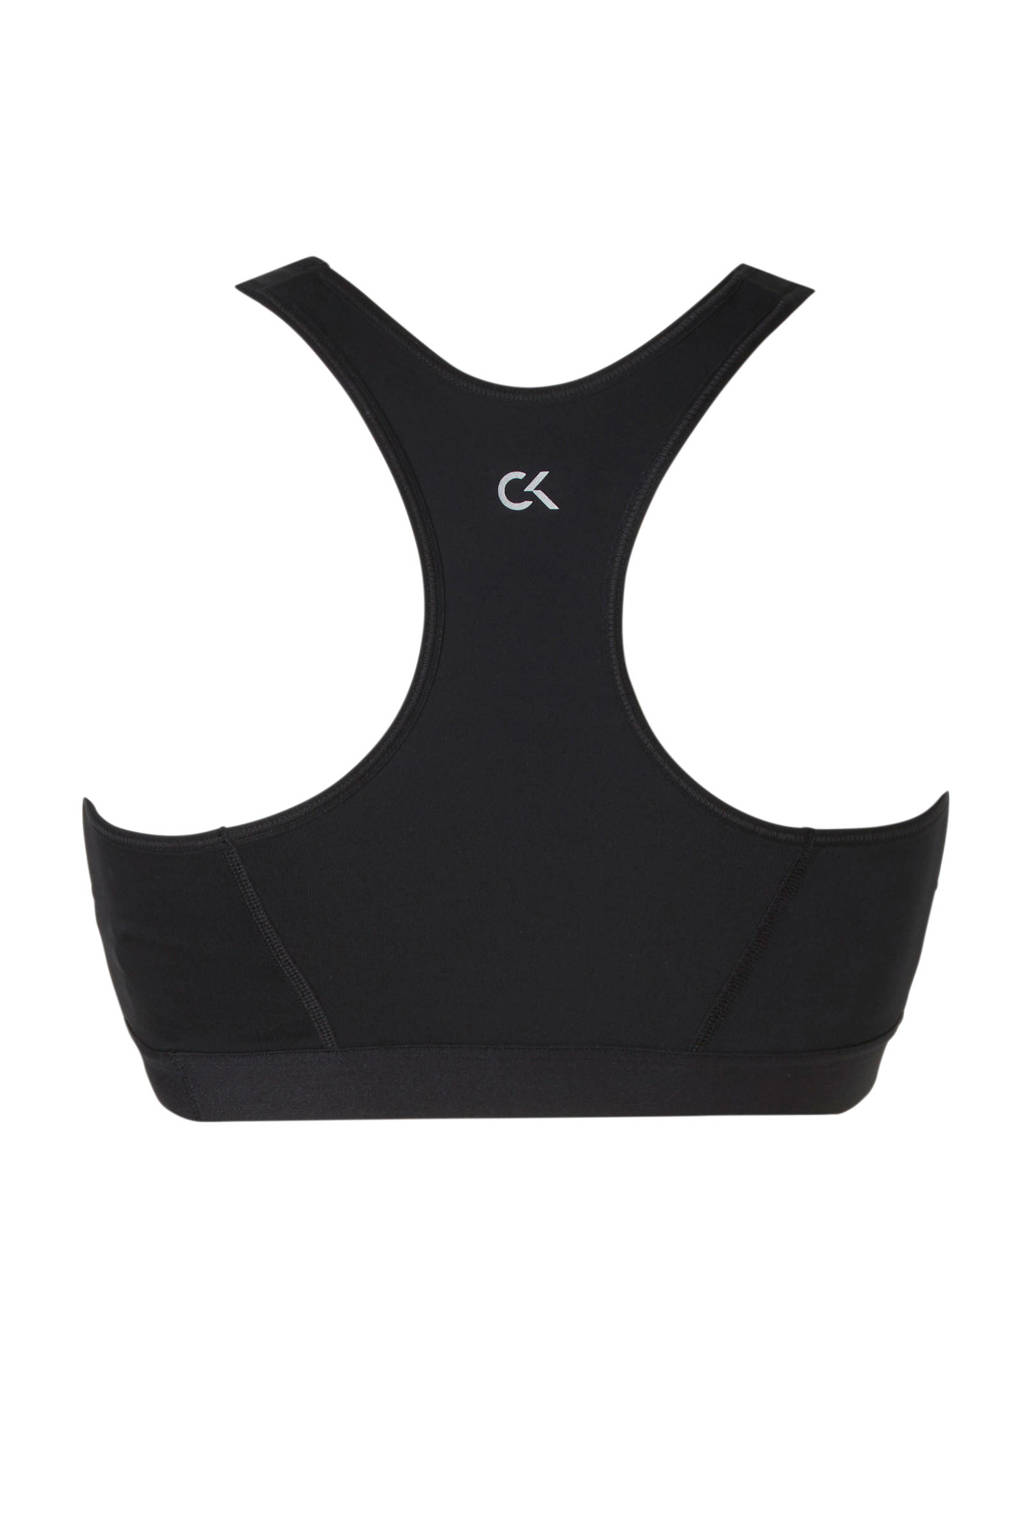 Calvin Klein Underwear Level 1 sportbh zwart, Zwart